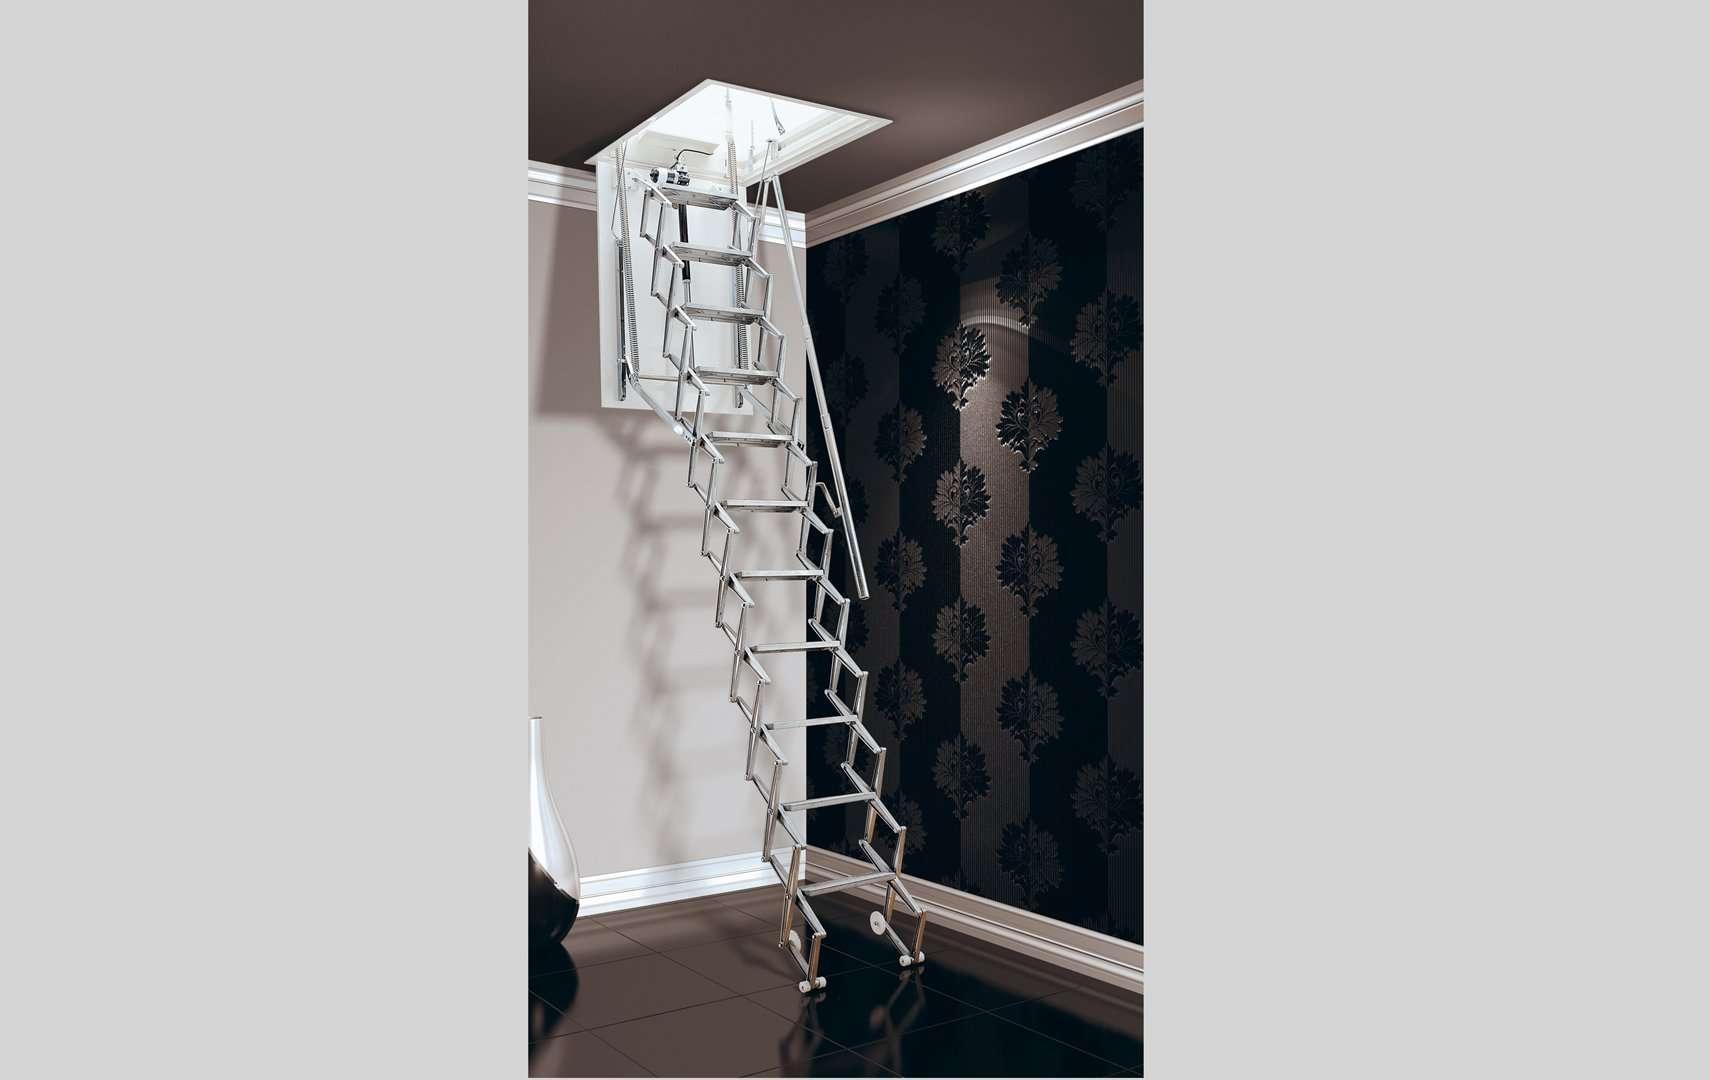 Scaletta In Legno Pieghevole : ᐅ visiona le immagini di scale retrattili scale retrattili in